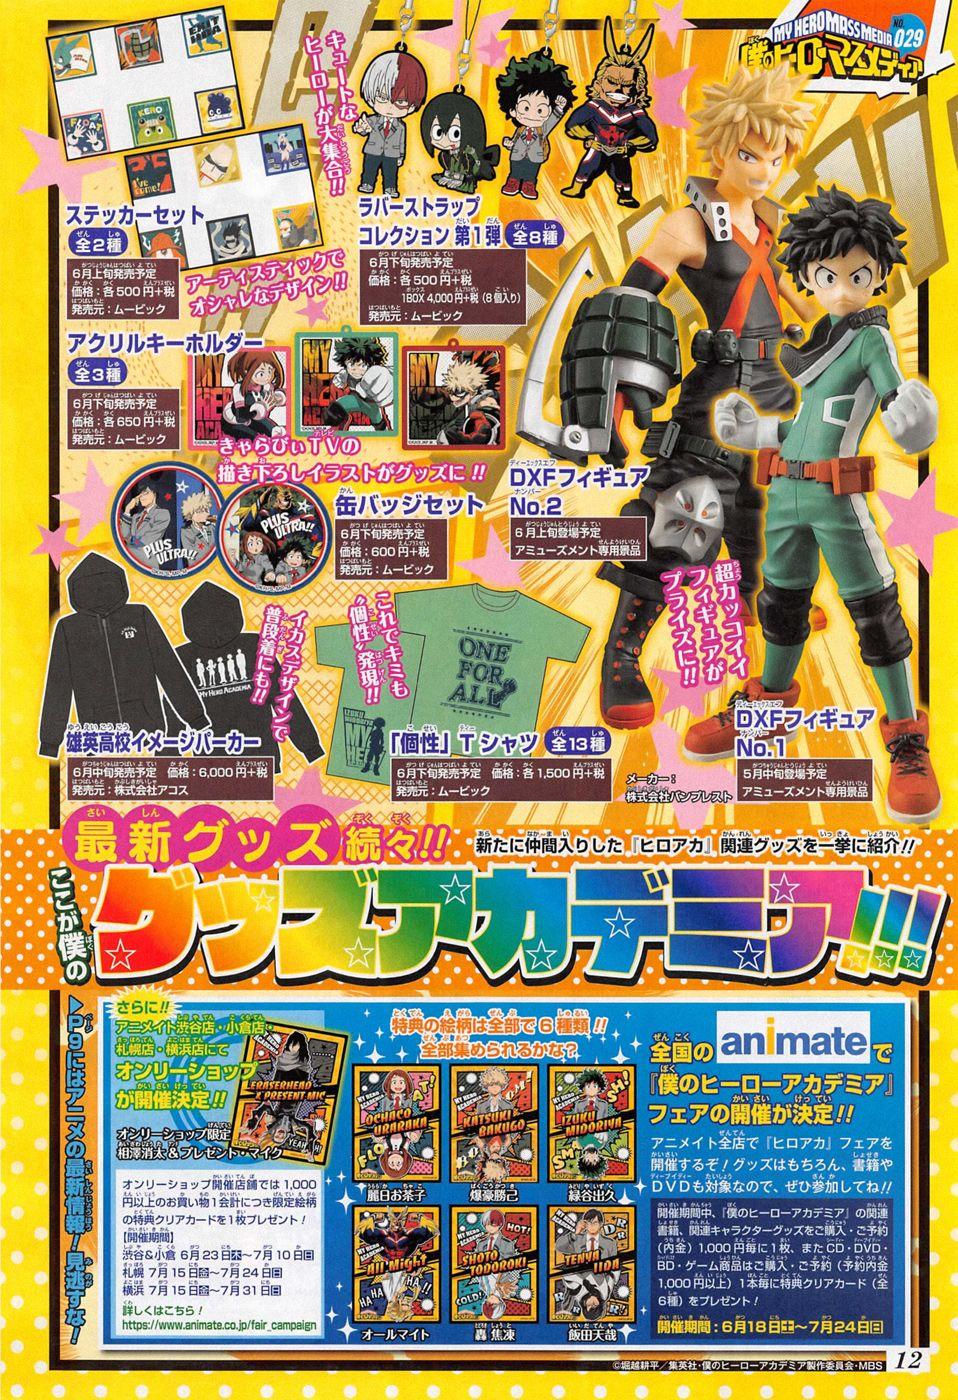 http://c5.ninemanga.com/es_manga/54/182/464542/255ea887b8bca36797426dfb35a809cc.jpg Page 6